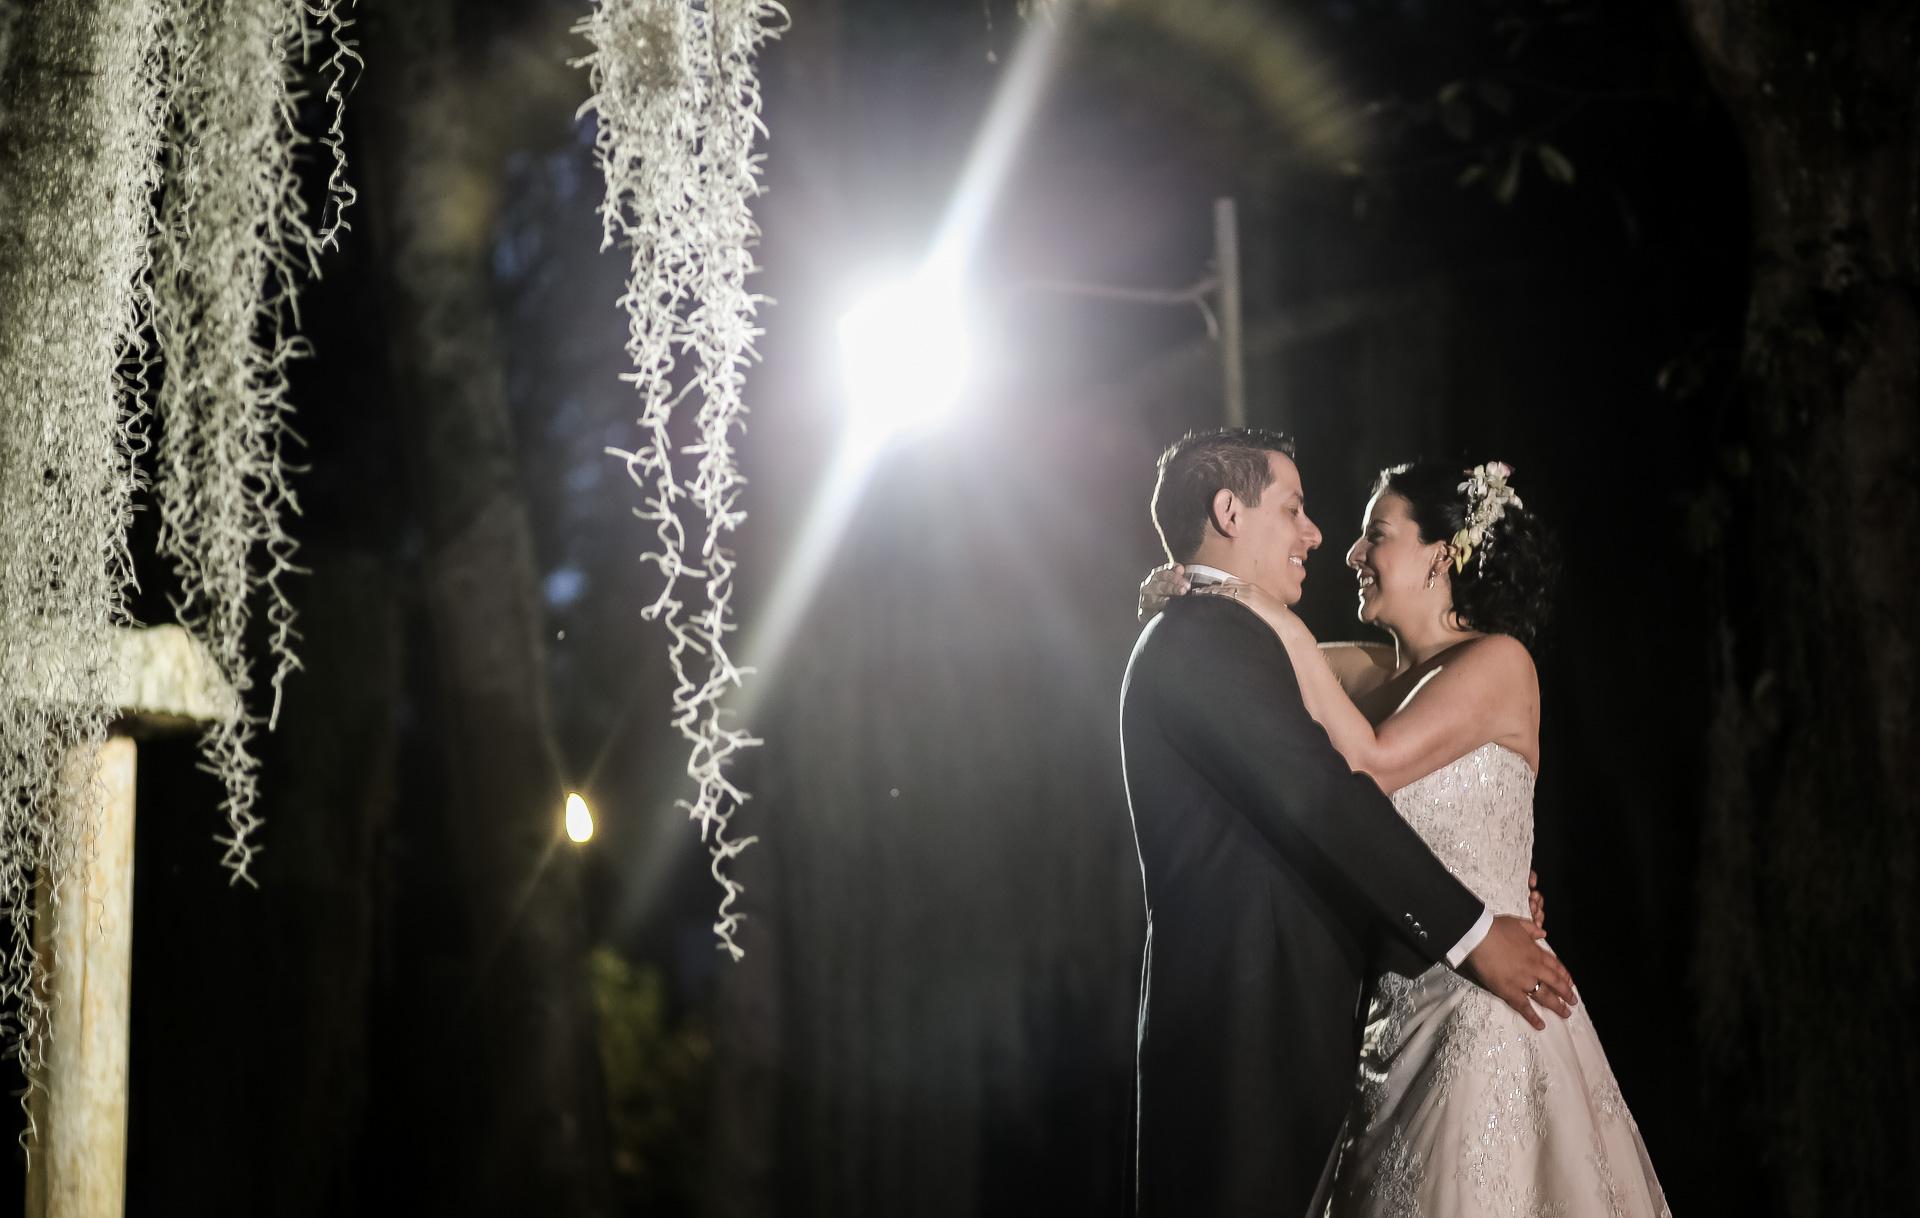 Fotógrafos-de-bodas-en-Colombia-Angela-y-Camilo-21 ANGELA + CAMILO